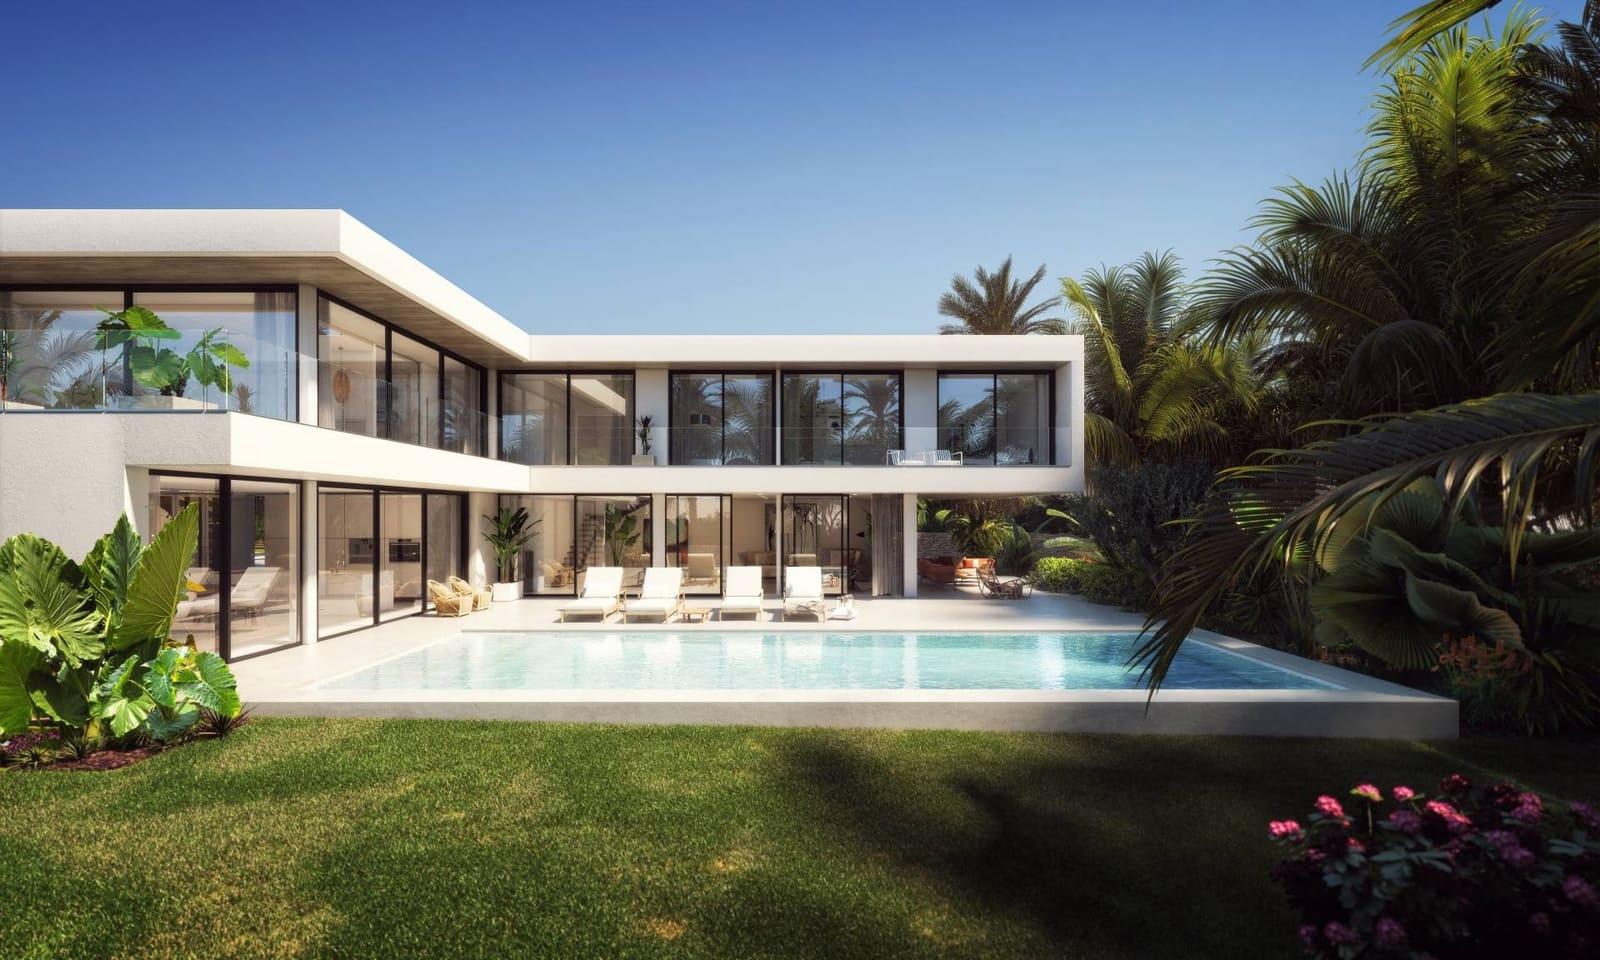 Terrain à Bâtir à vendre à Talamanca - 1 200 000 € (Ref: 5208991)